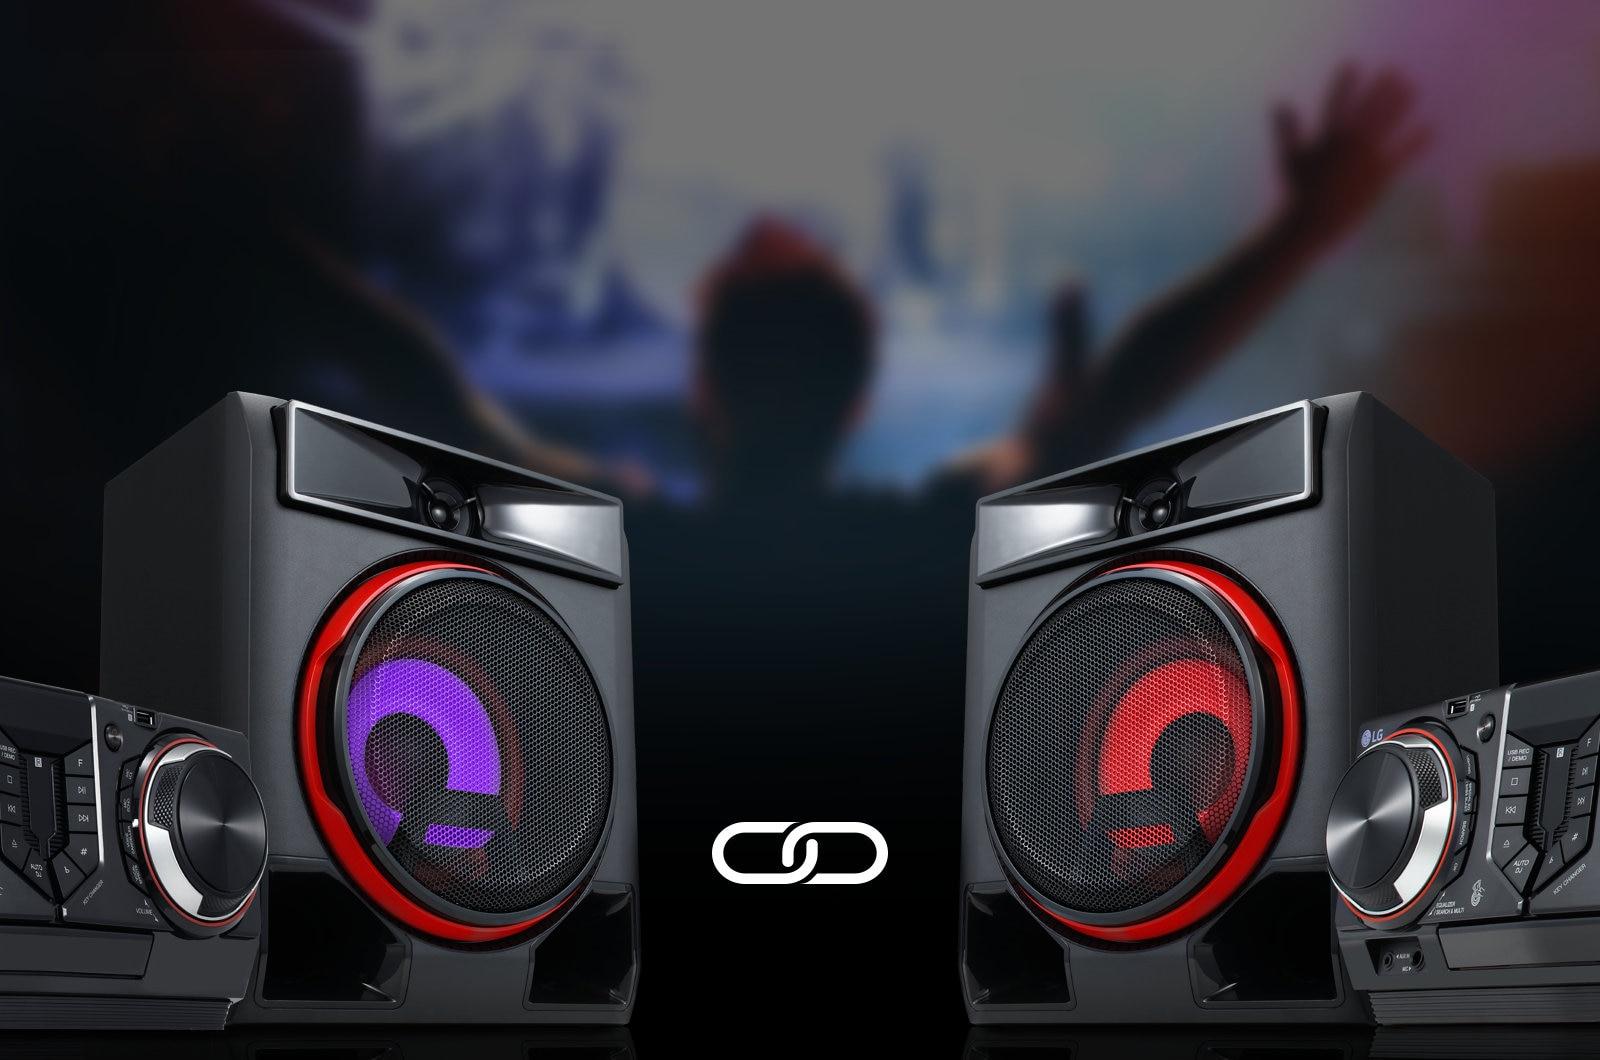 Aumenta el Sonido con Wireless Party Link1